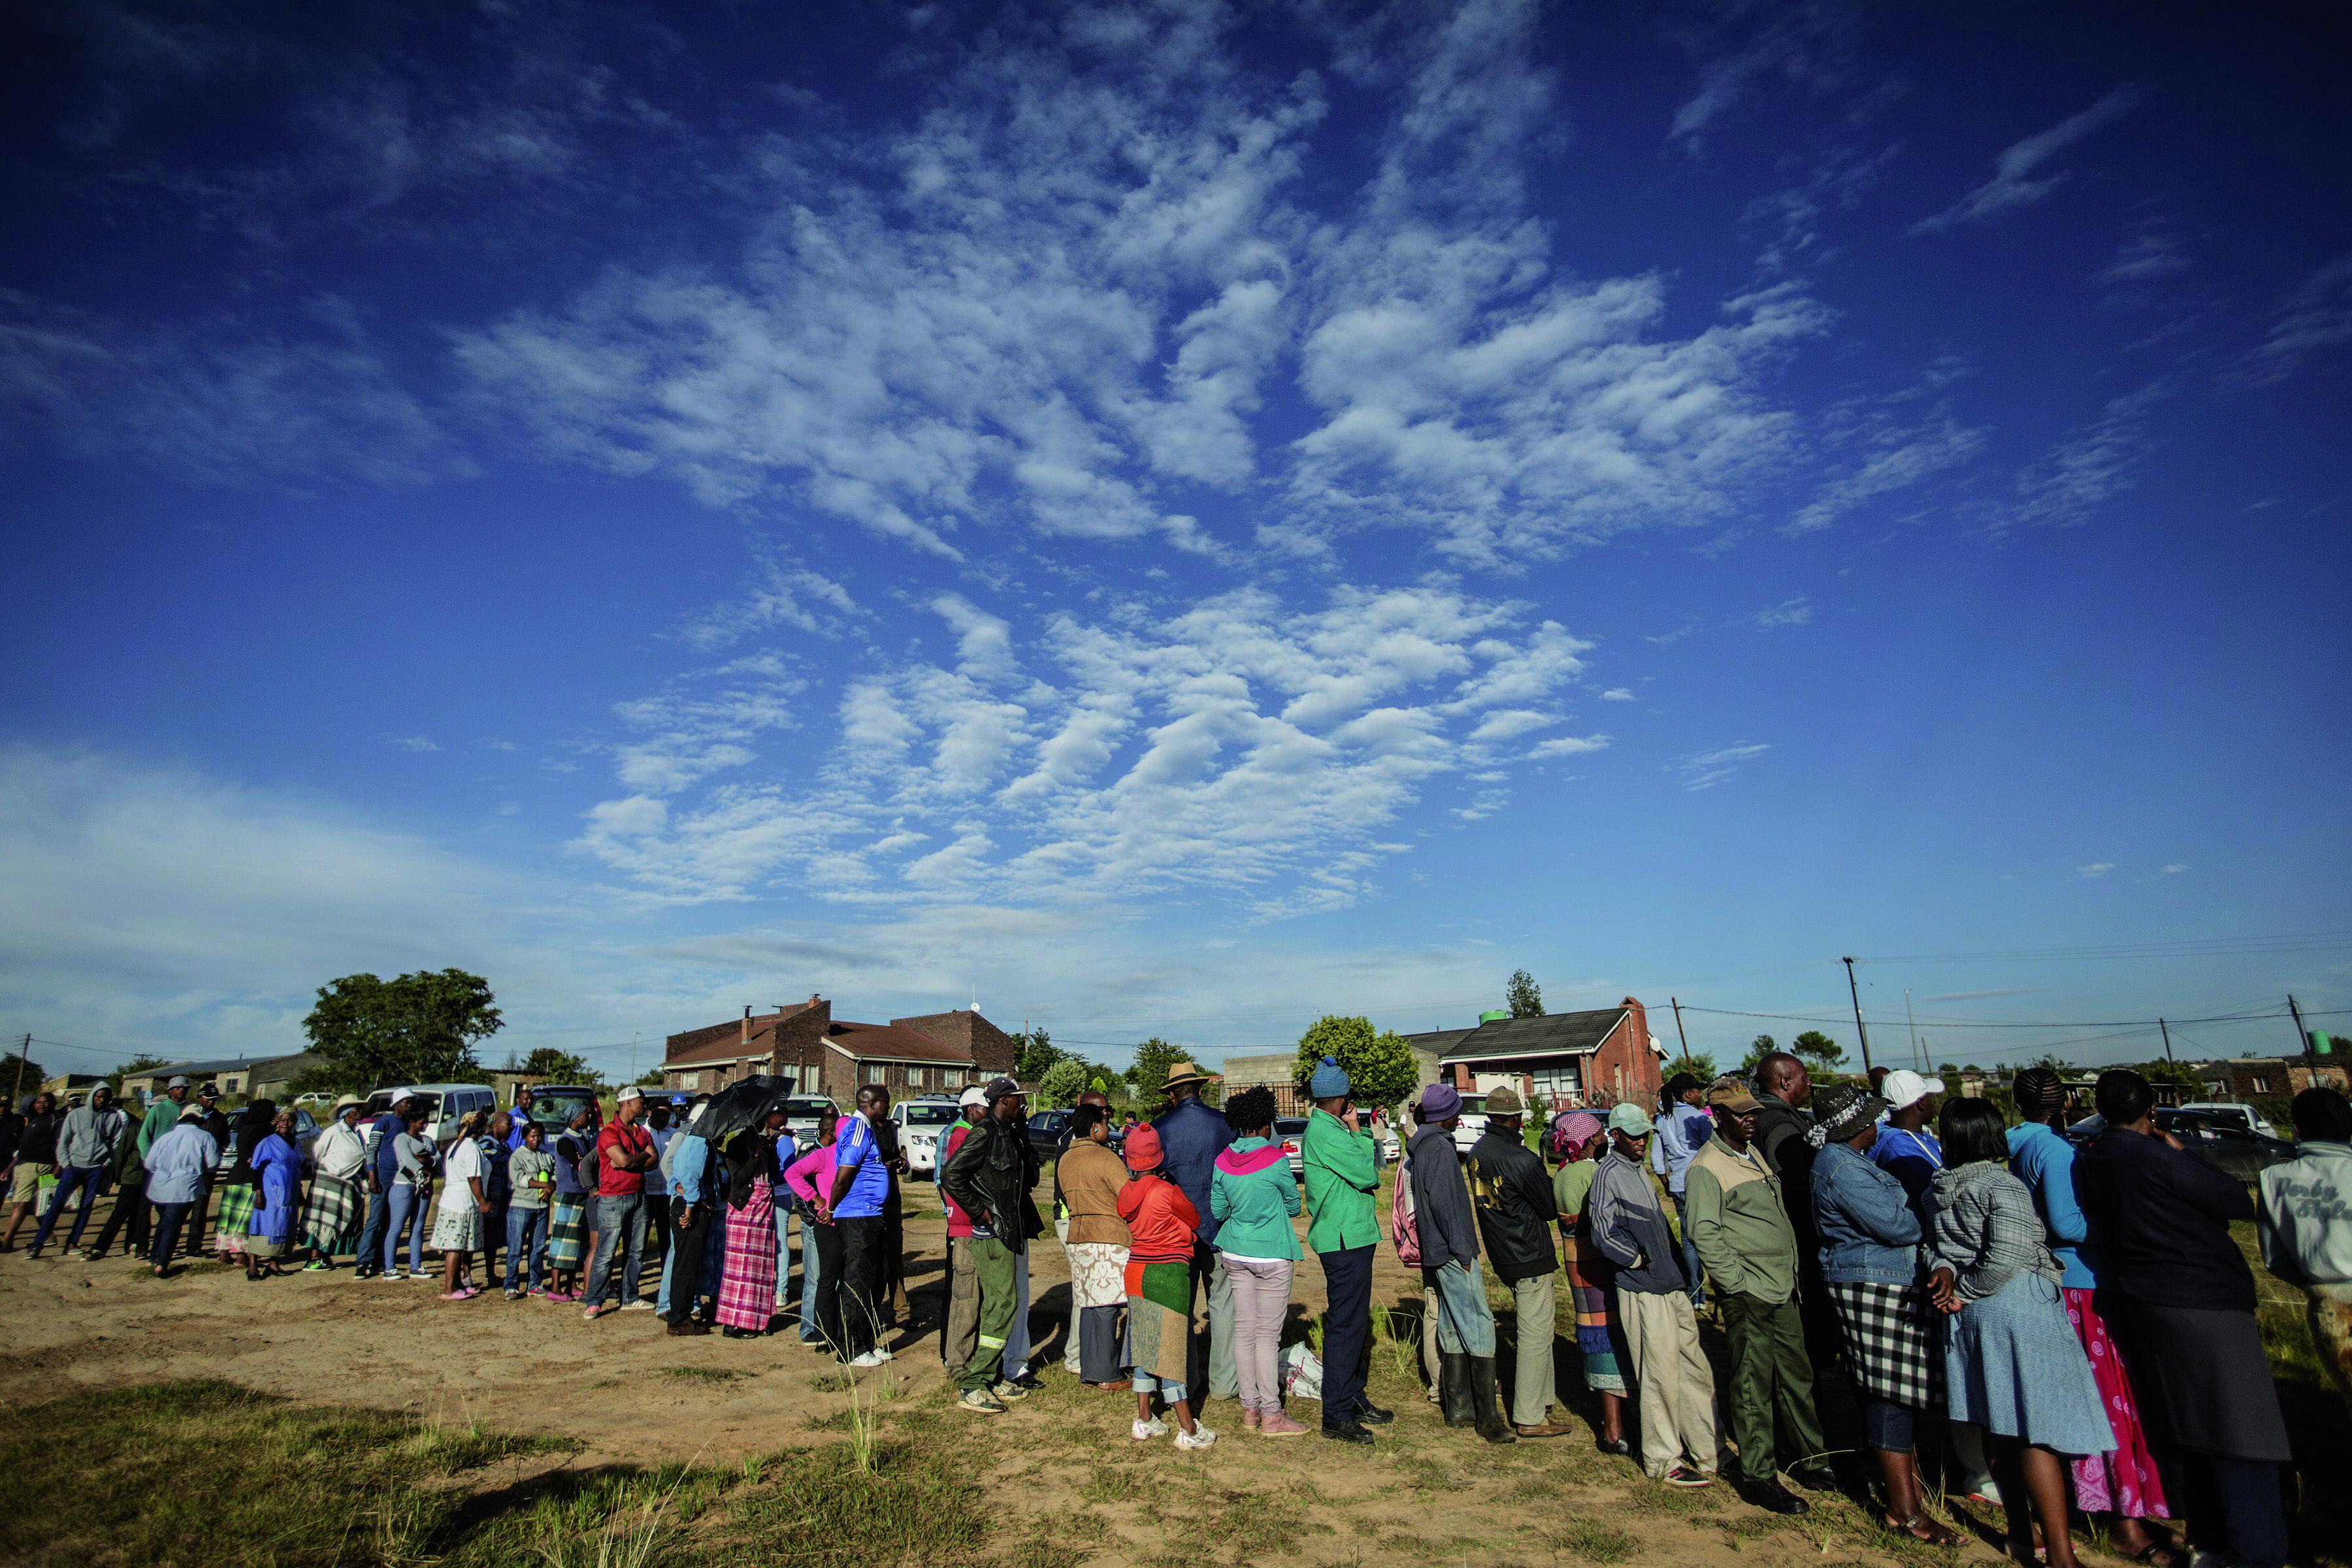 Residentes esperan su turno para la votación de 2015. Lesoto se encuentra geográficamente rodeado por Sudáfrica / Fotografía: Getty Images.